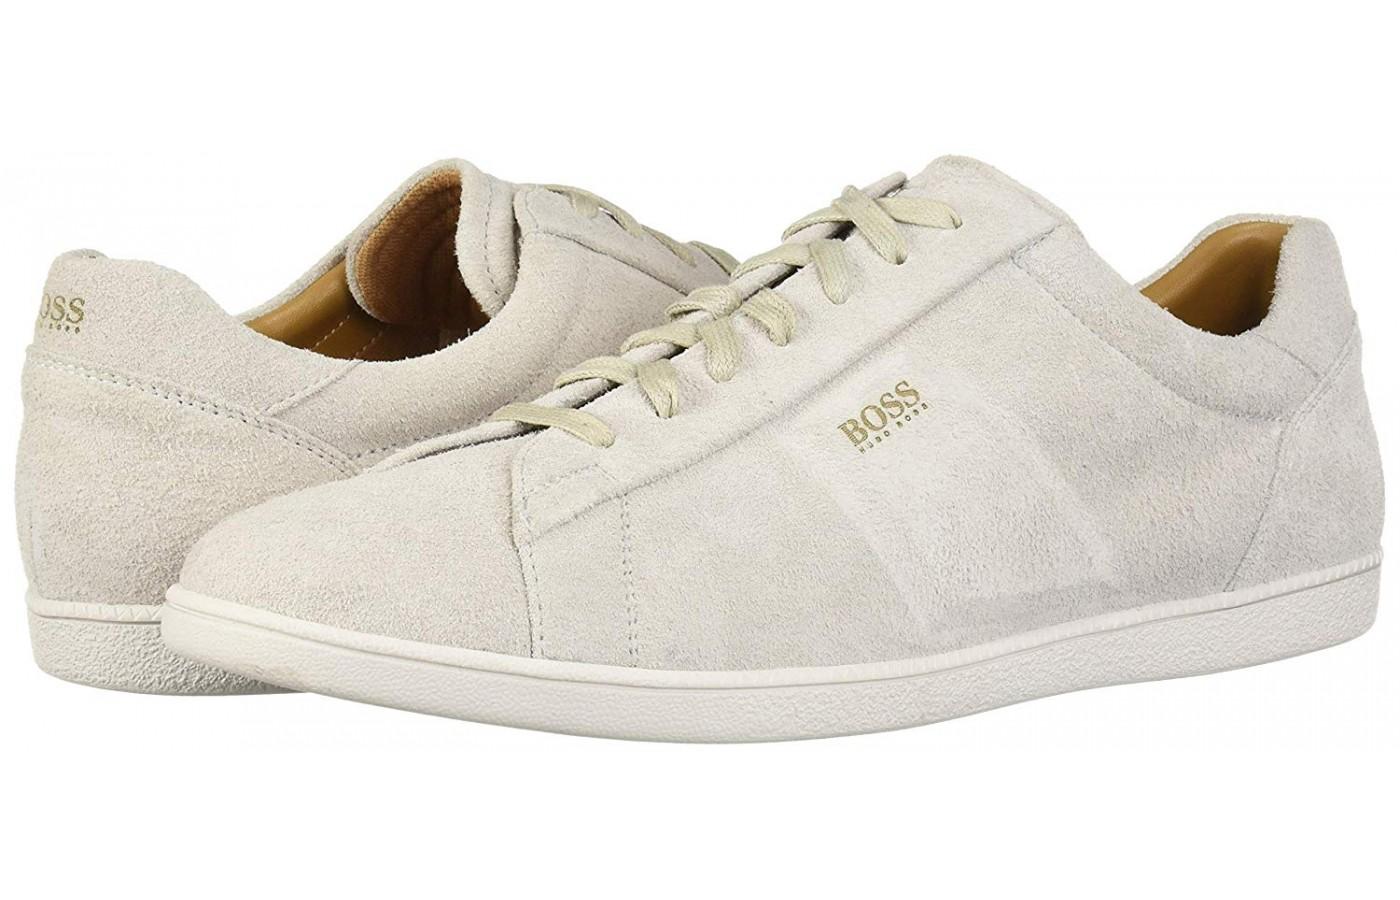 Hugo Boss Rumba Low pair